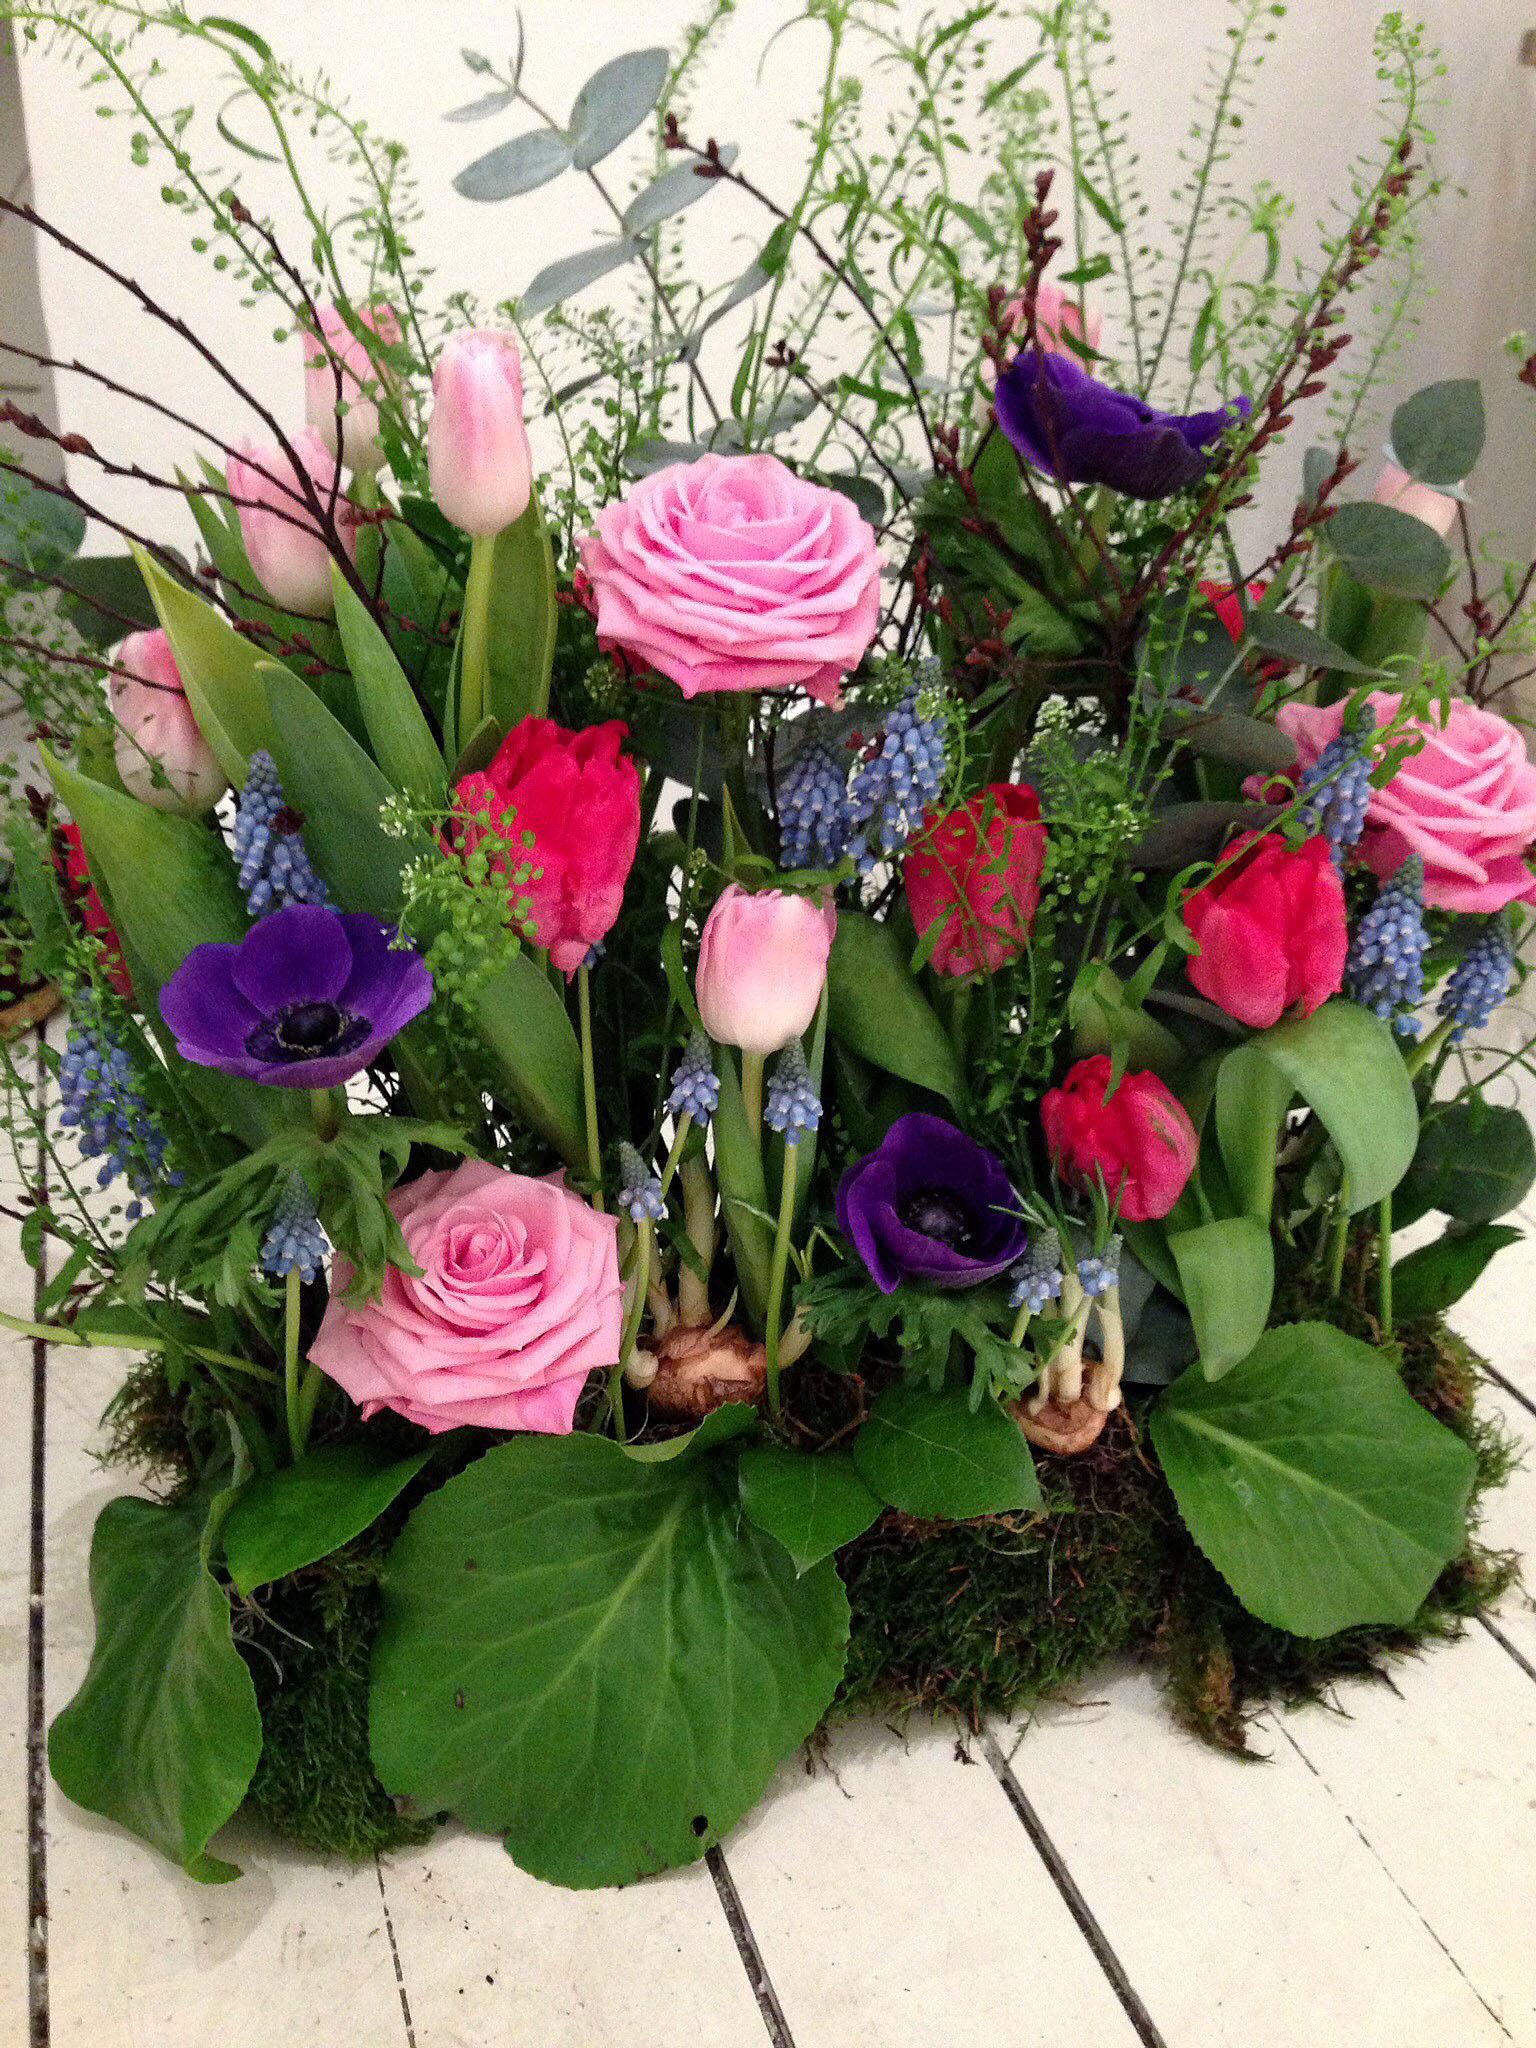 blomsterarrangemang till begravning